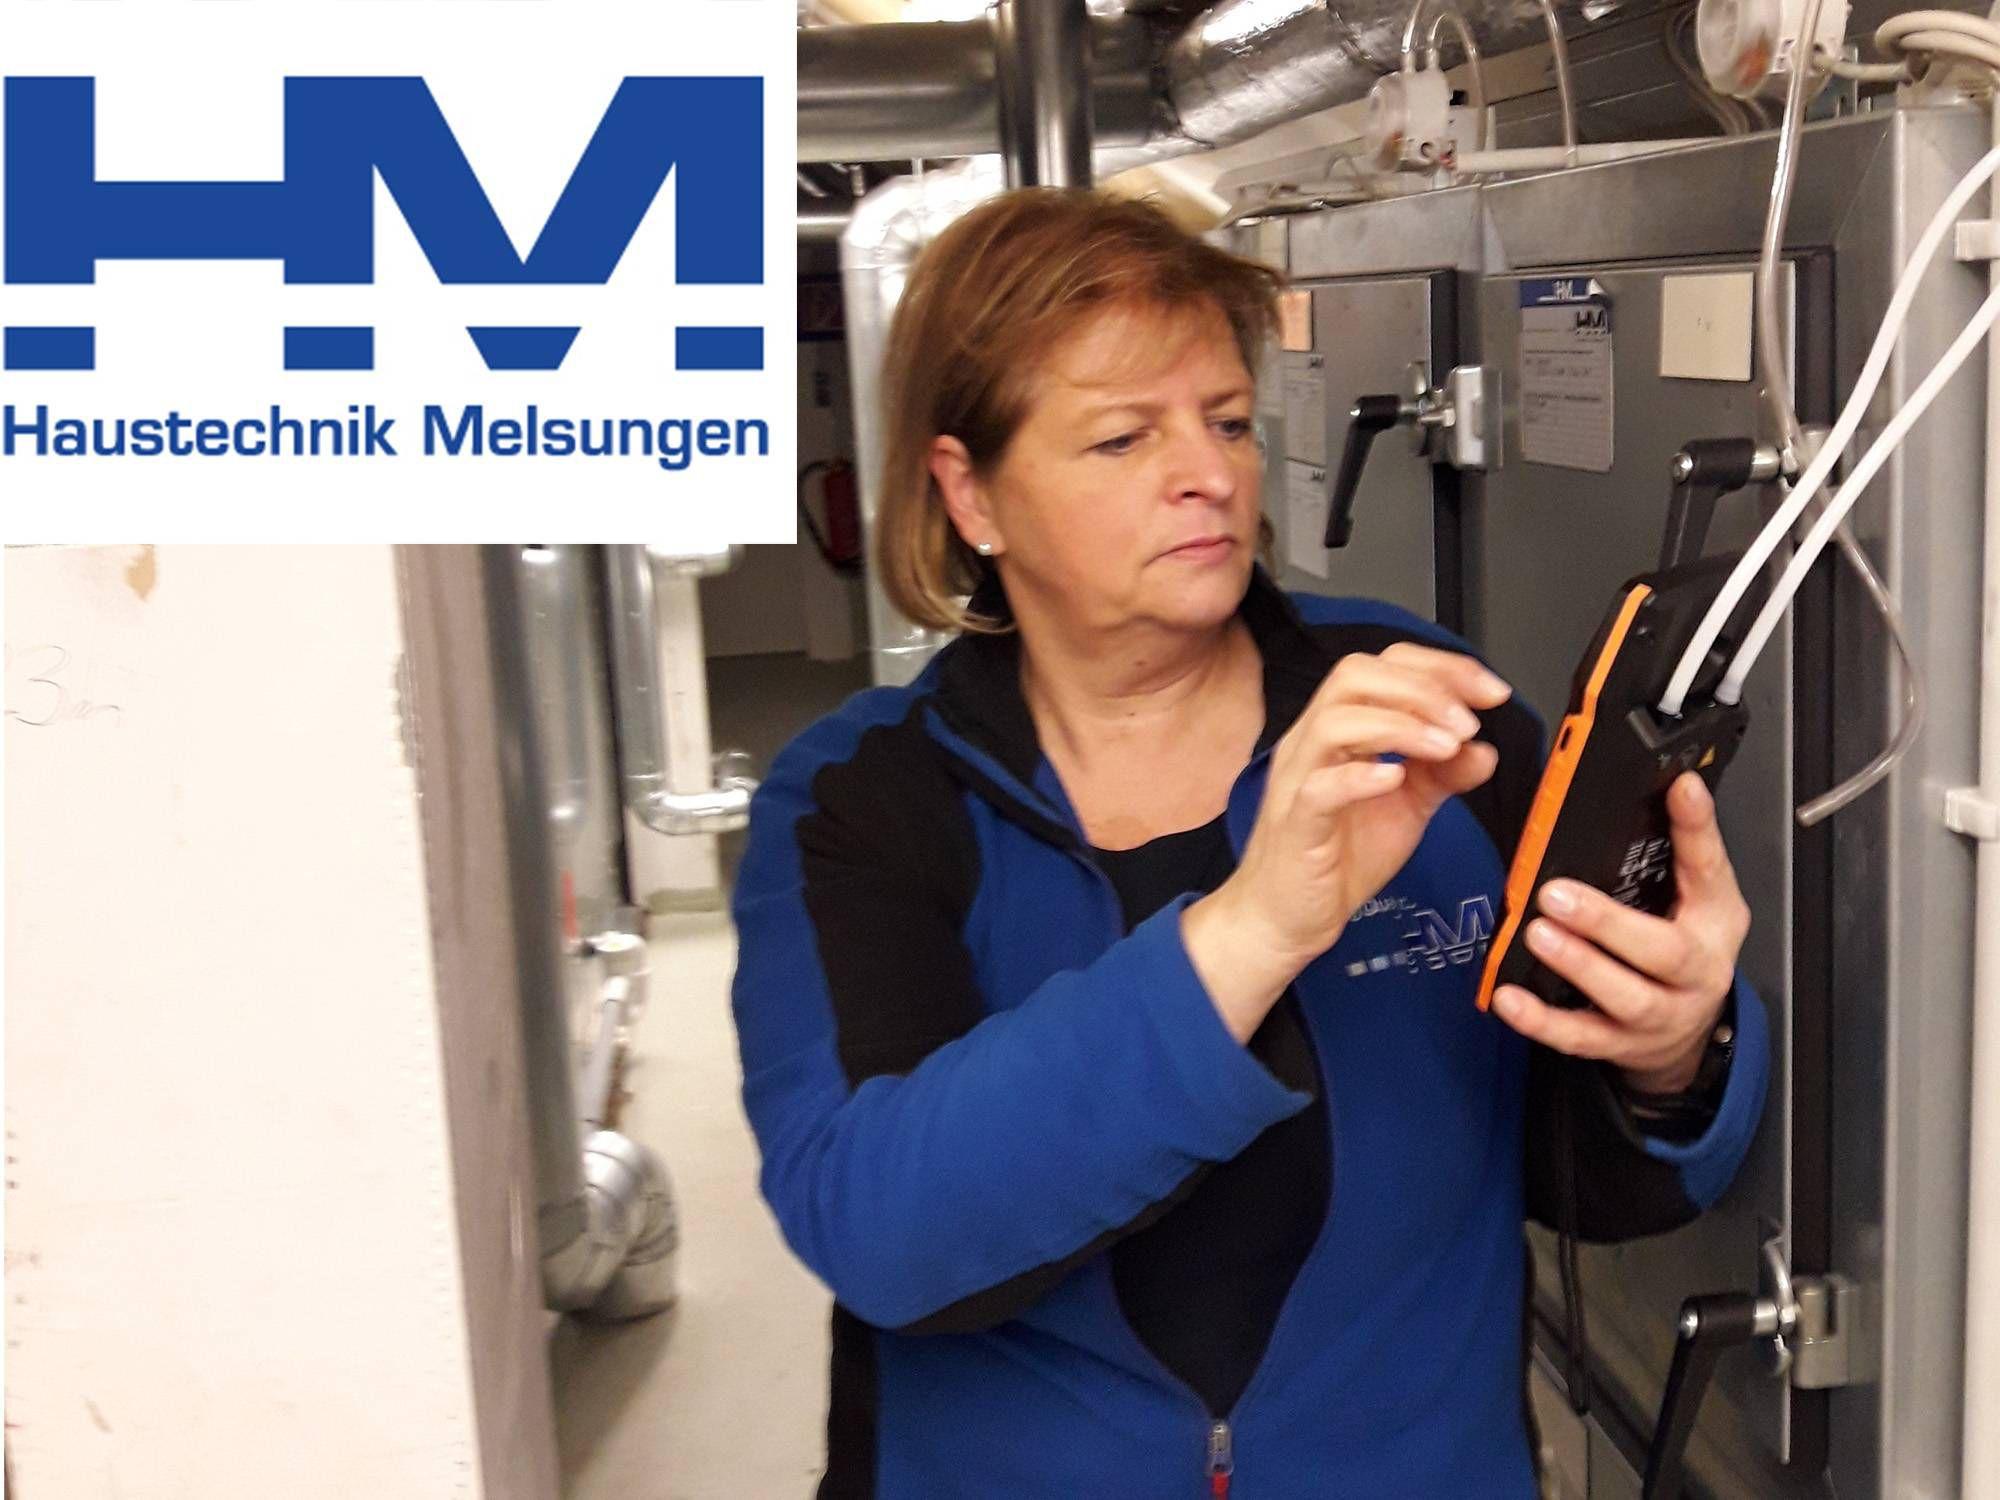 Annette Groth von der HM Haustechnik Melsungen Service GmbH testet das Klimamessgerät testo 400